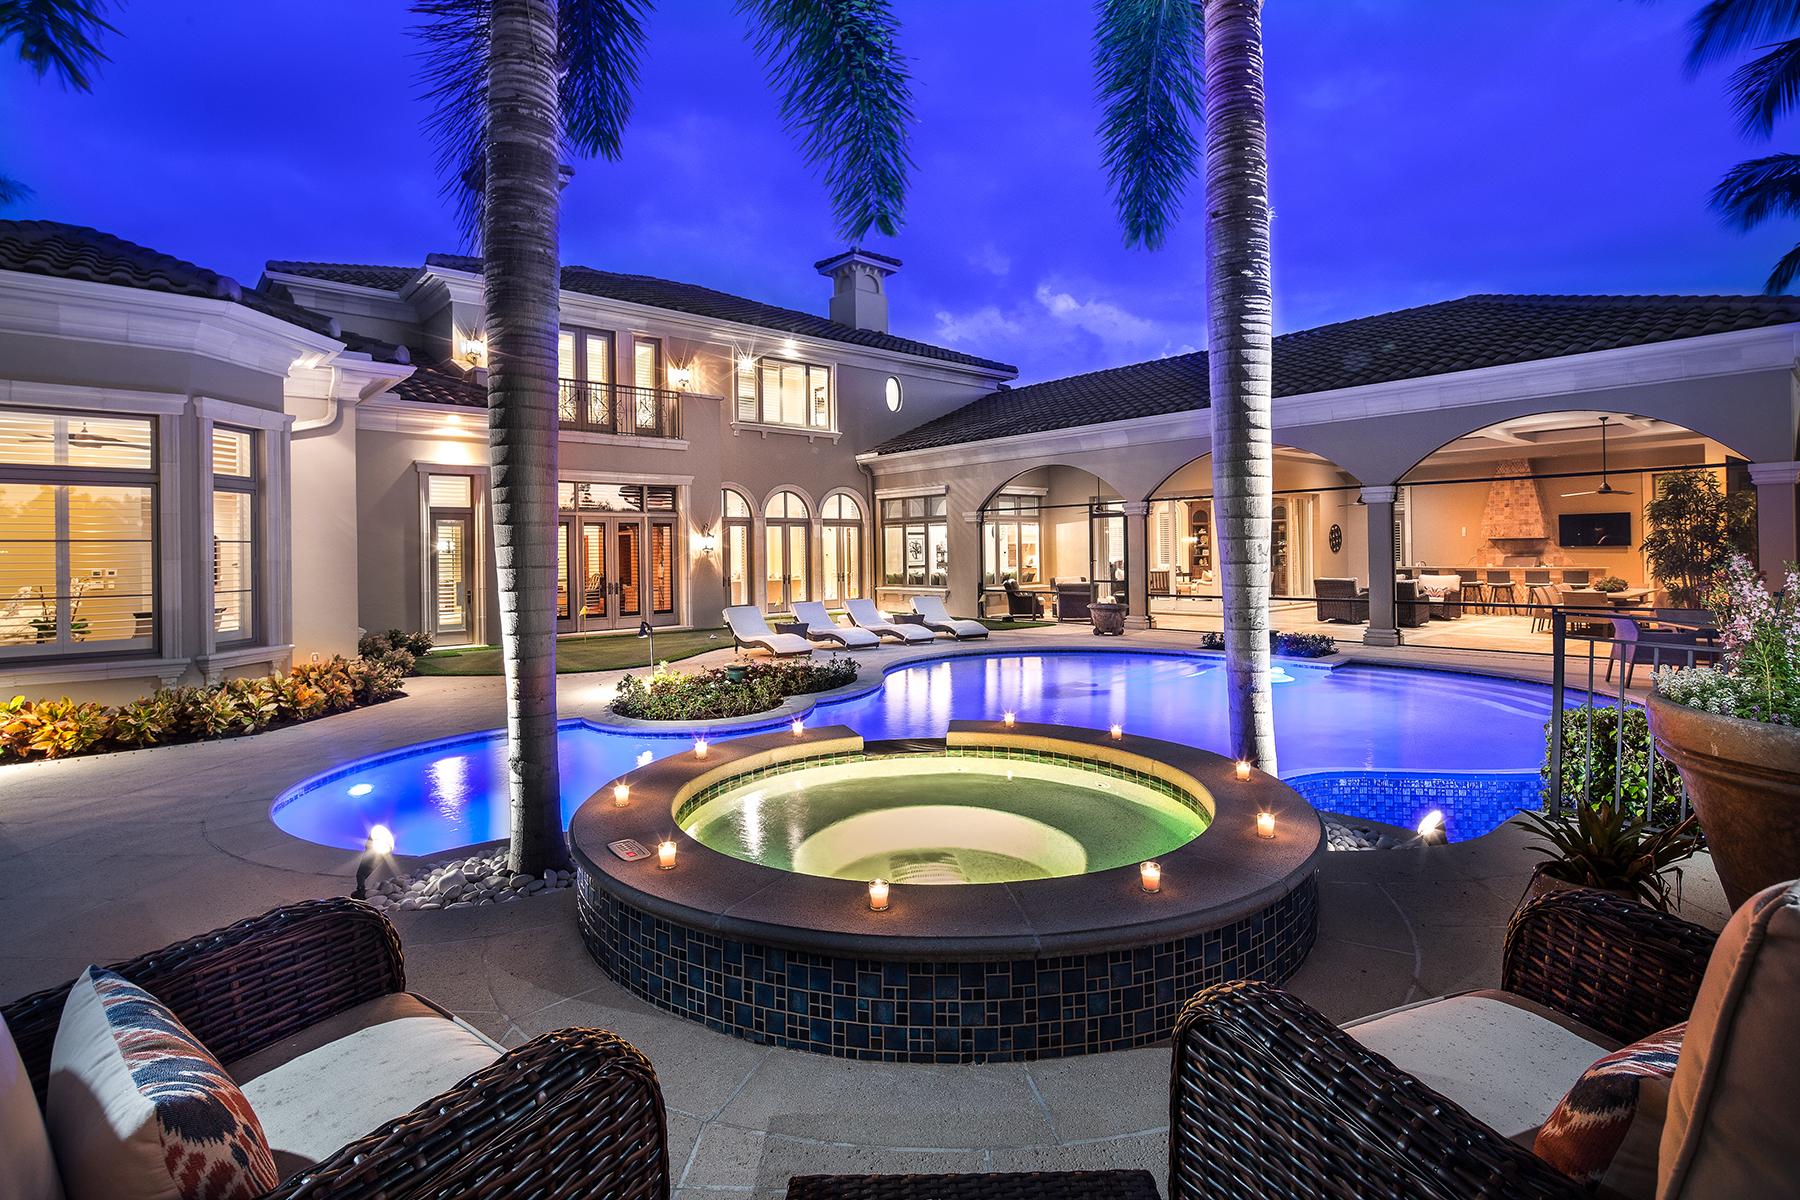 独户住宅 为 销售 在 1449 Nighthawk Pt, Naples, FL 34105 1449 Nighthawk Pt 那不勒斯, 佛罗里达州, 34105 美国